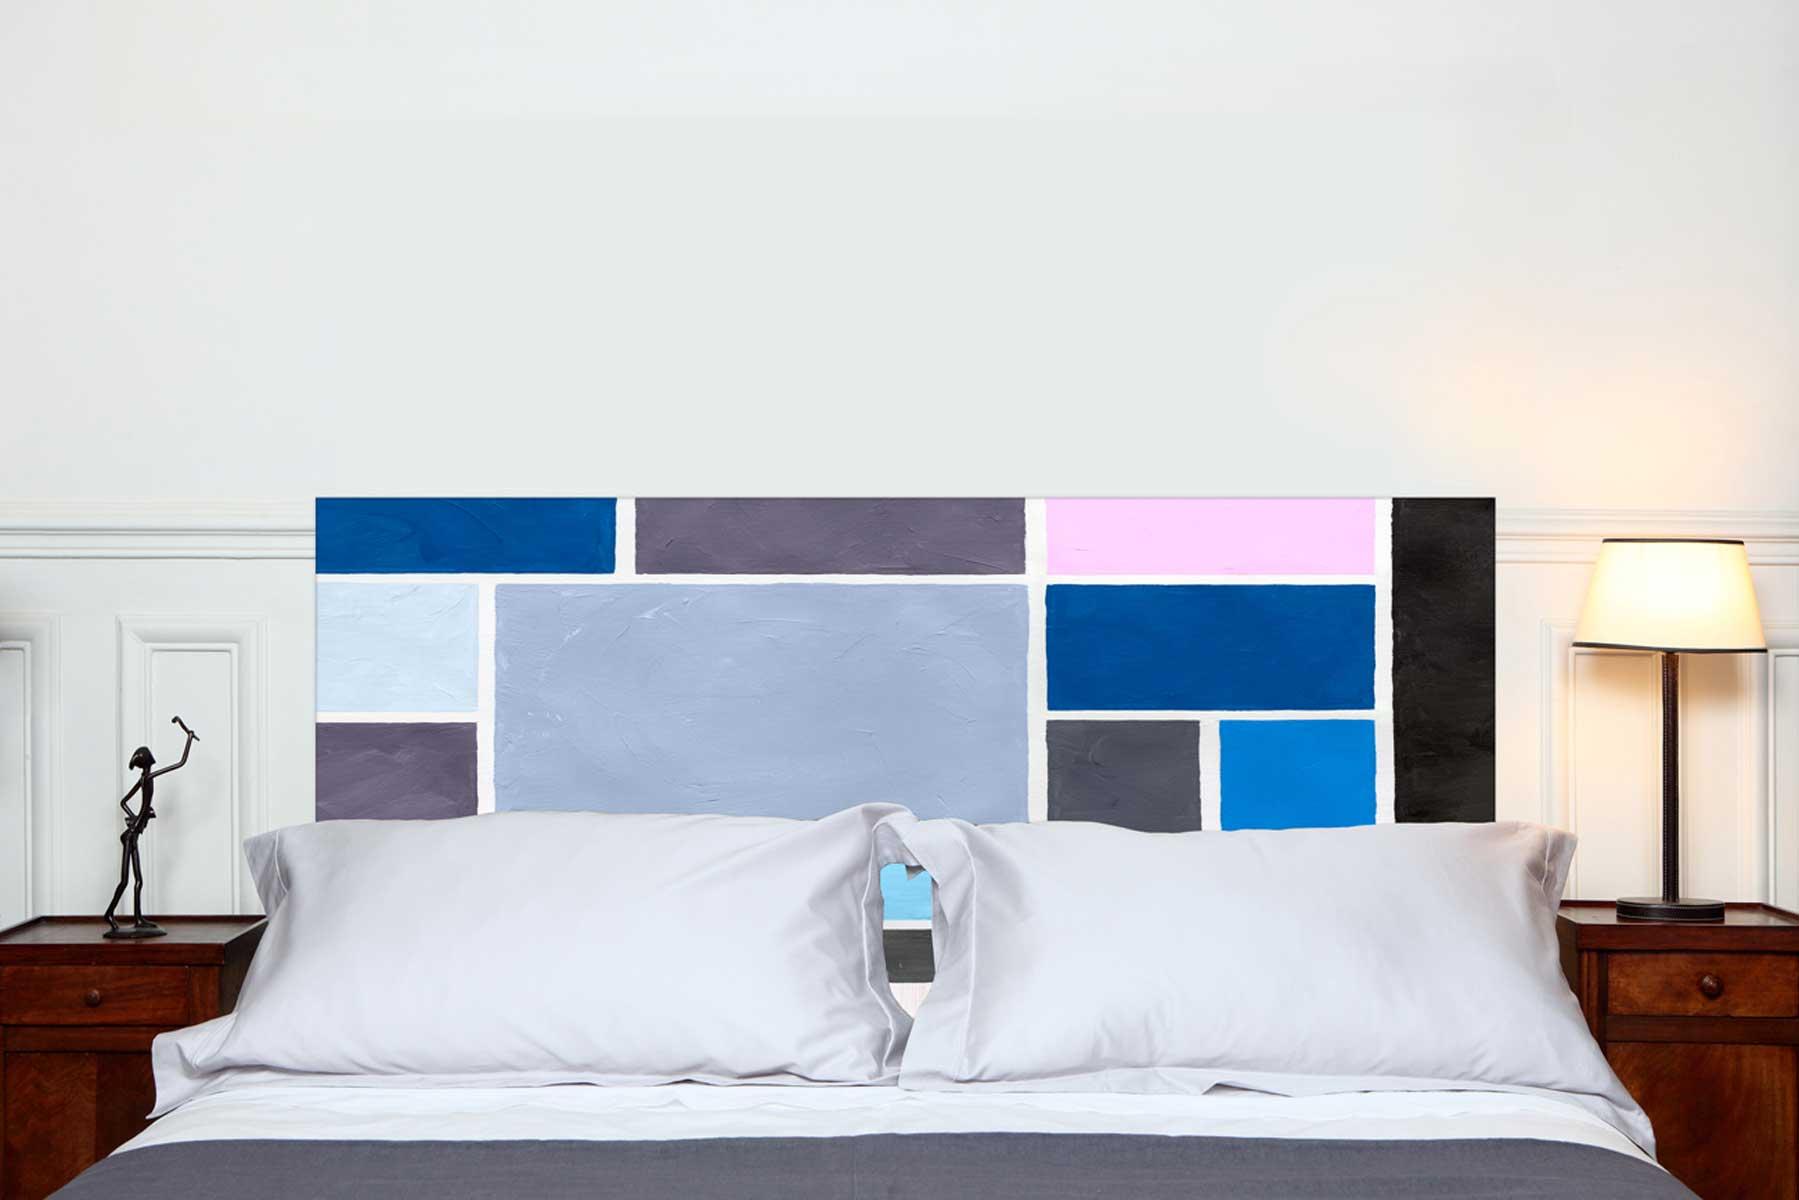 Tete de lit Poudrees Bleu 160*70 cm